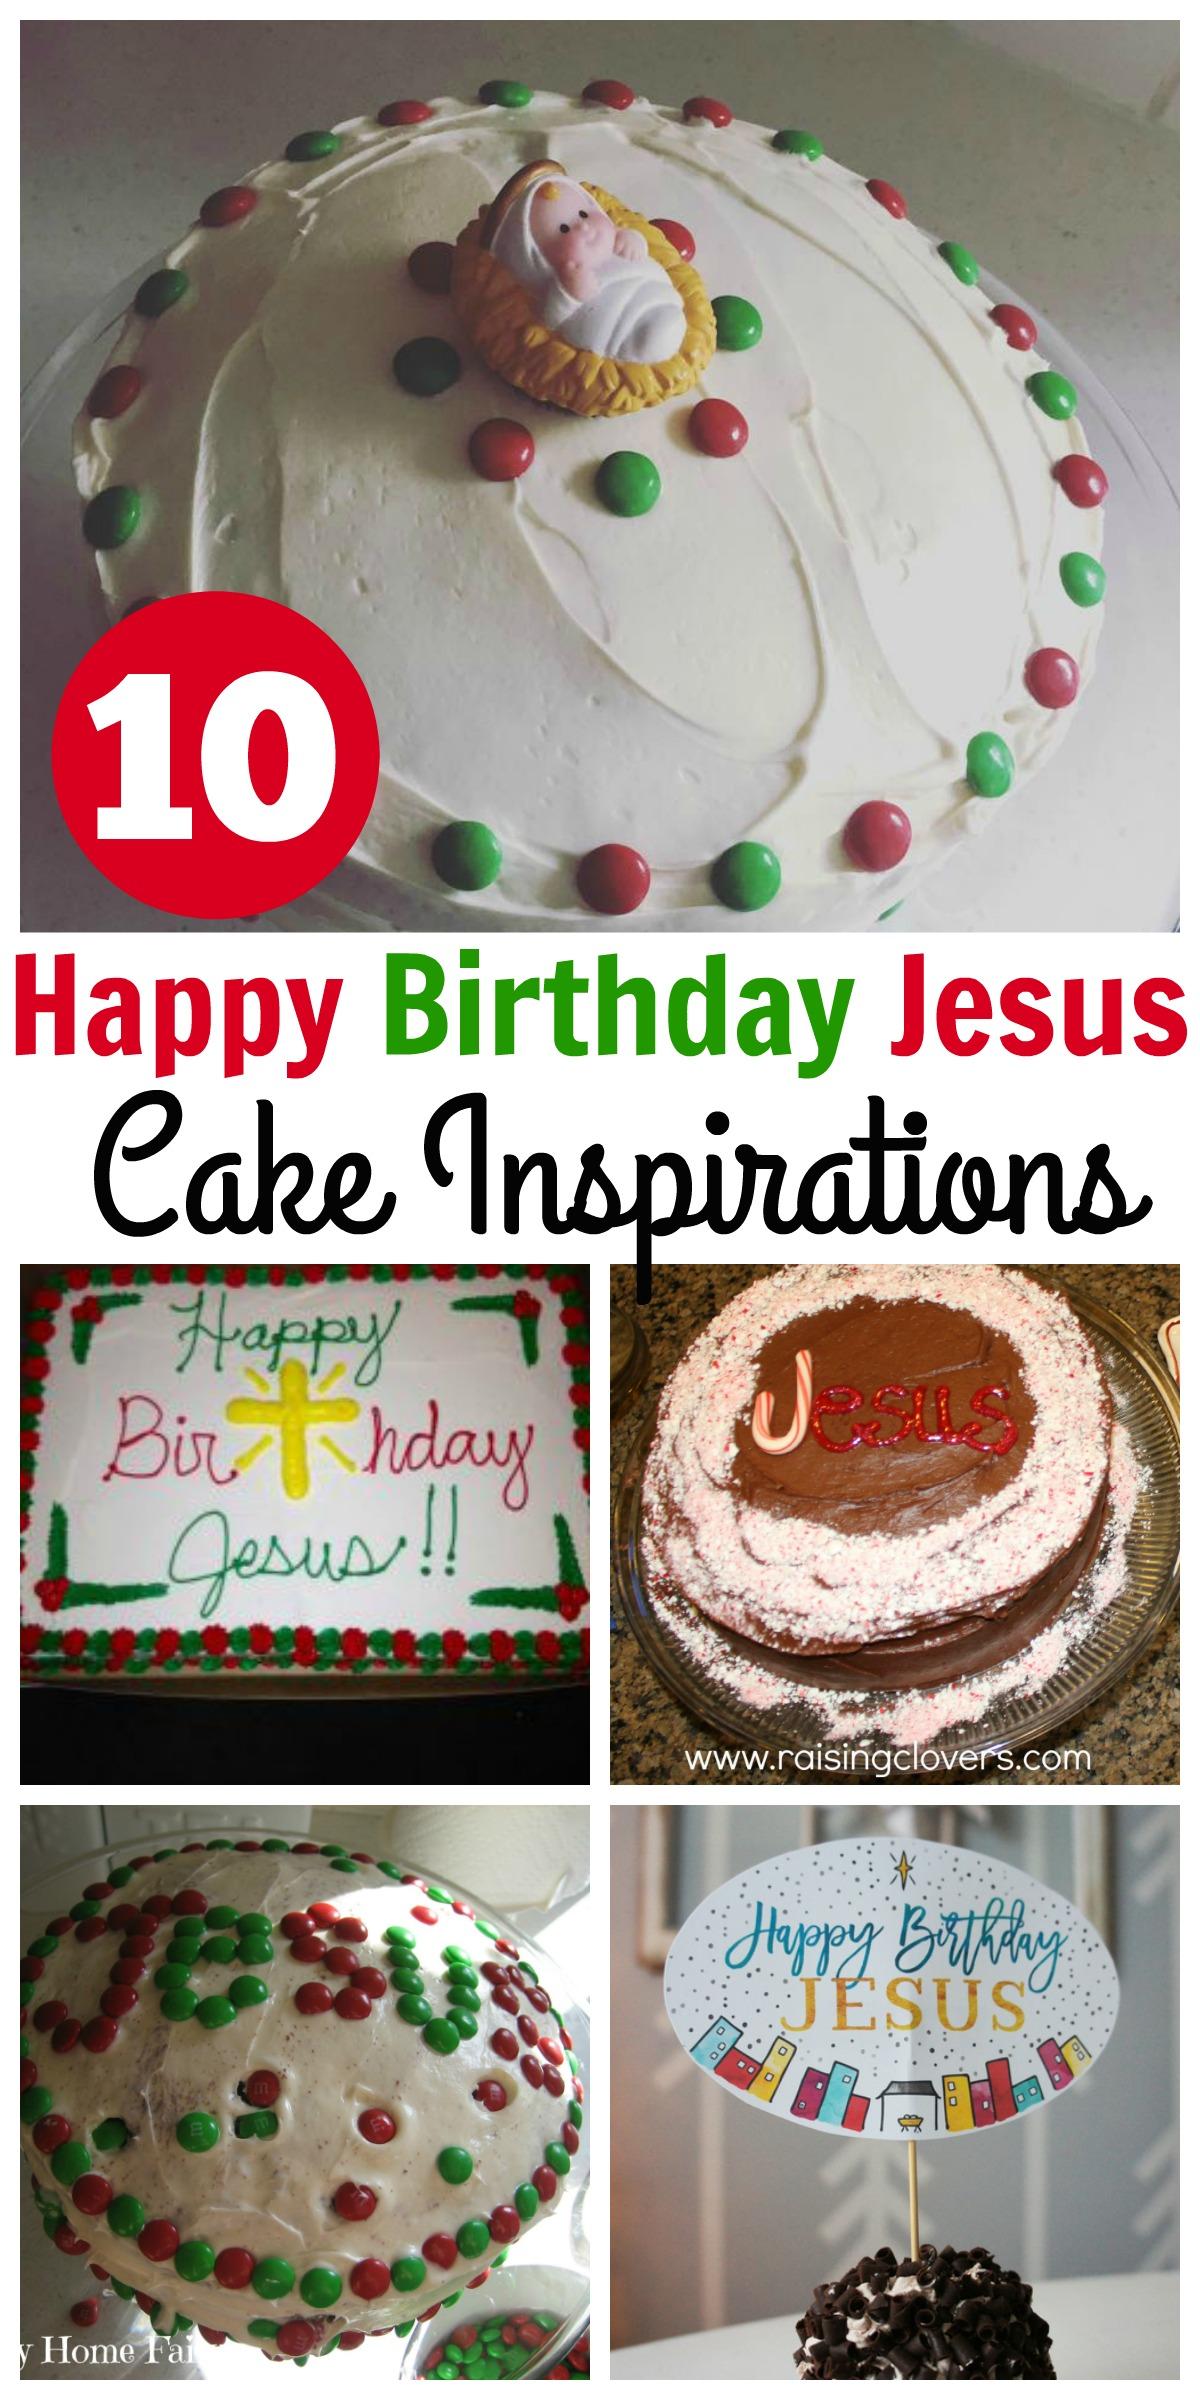 Happy Birthday Jesus Cake Ideas - Happy Home Fairy